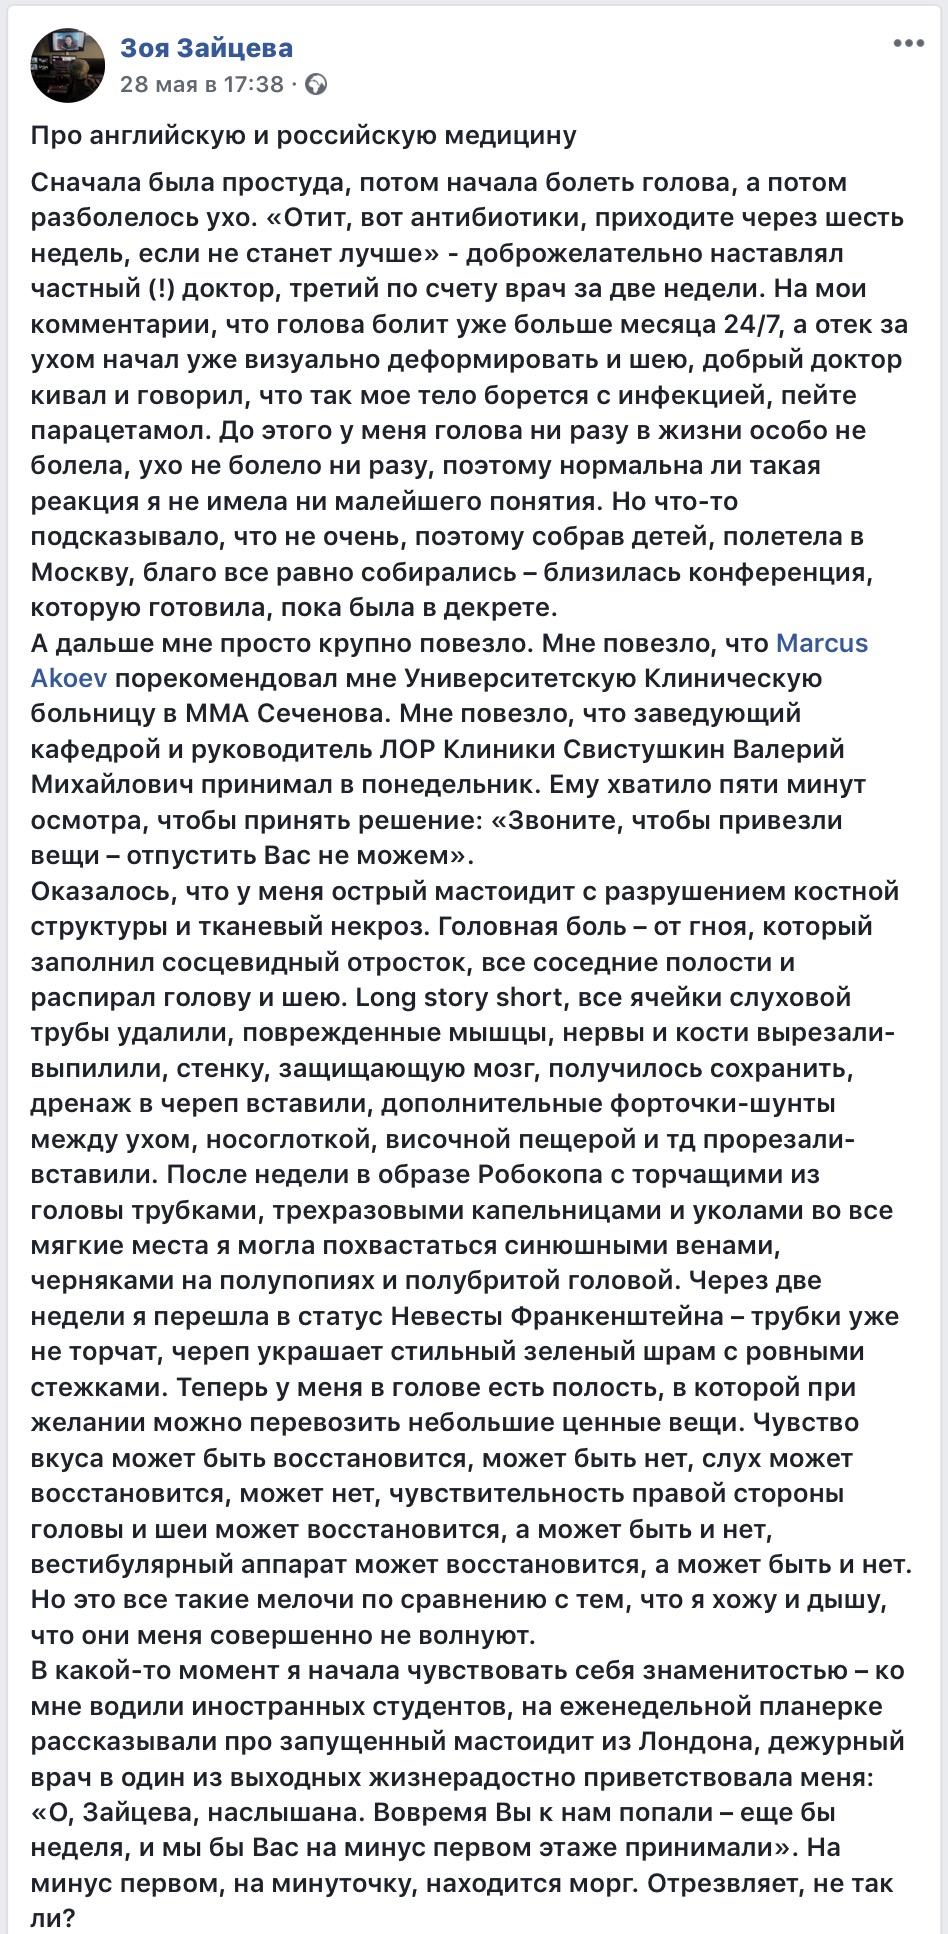 Английская, американская и российская медицина